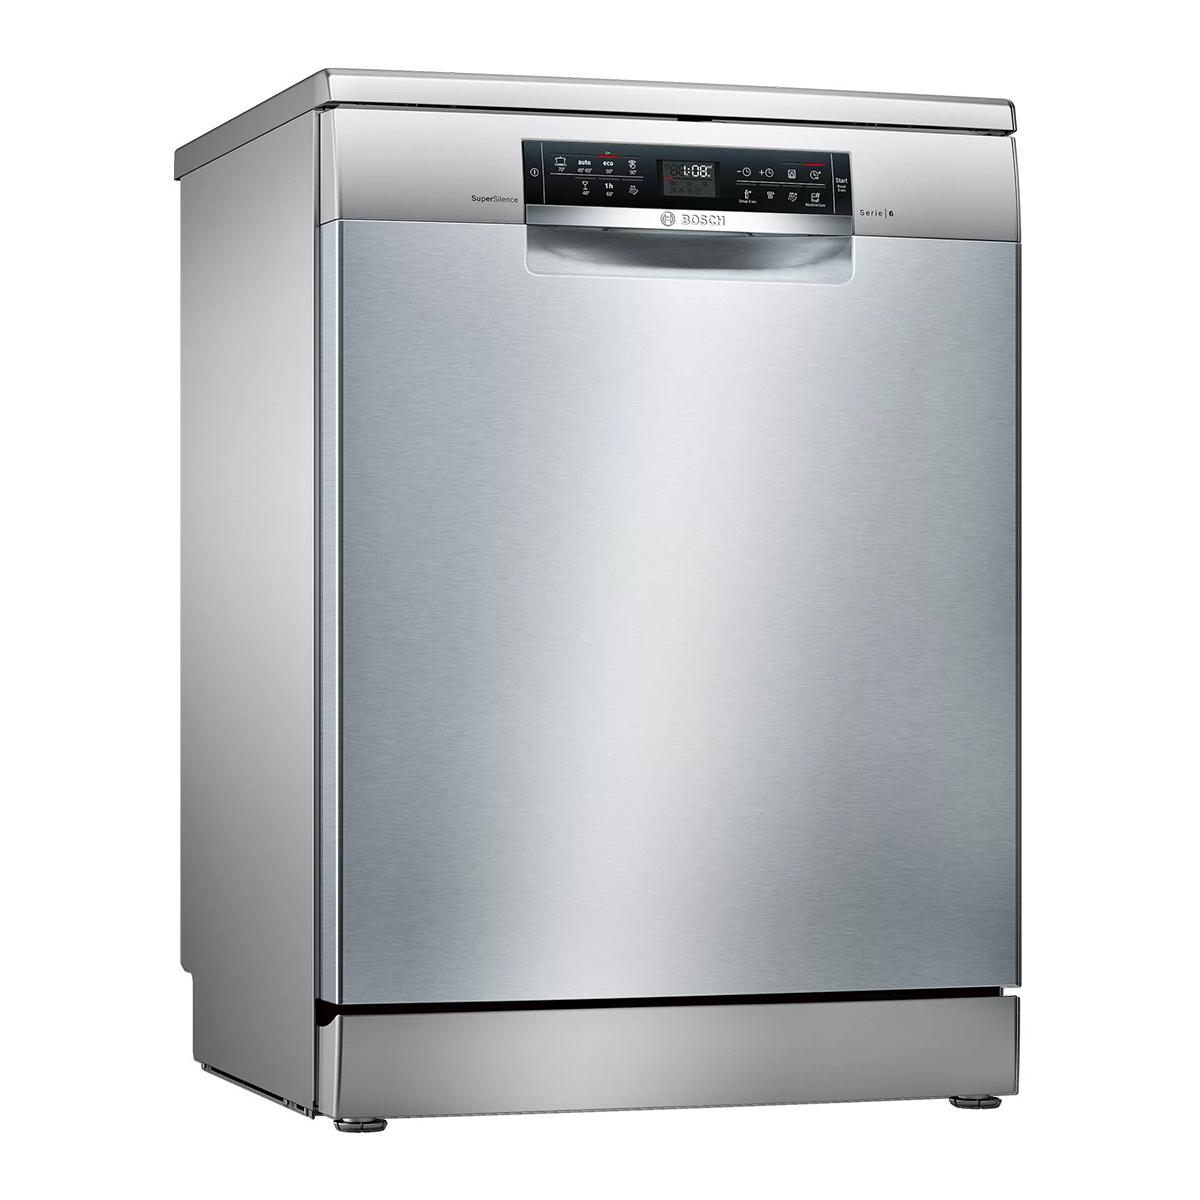 ظرفشویی بوش مدل sms67ni10q